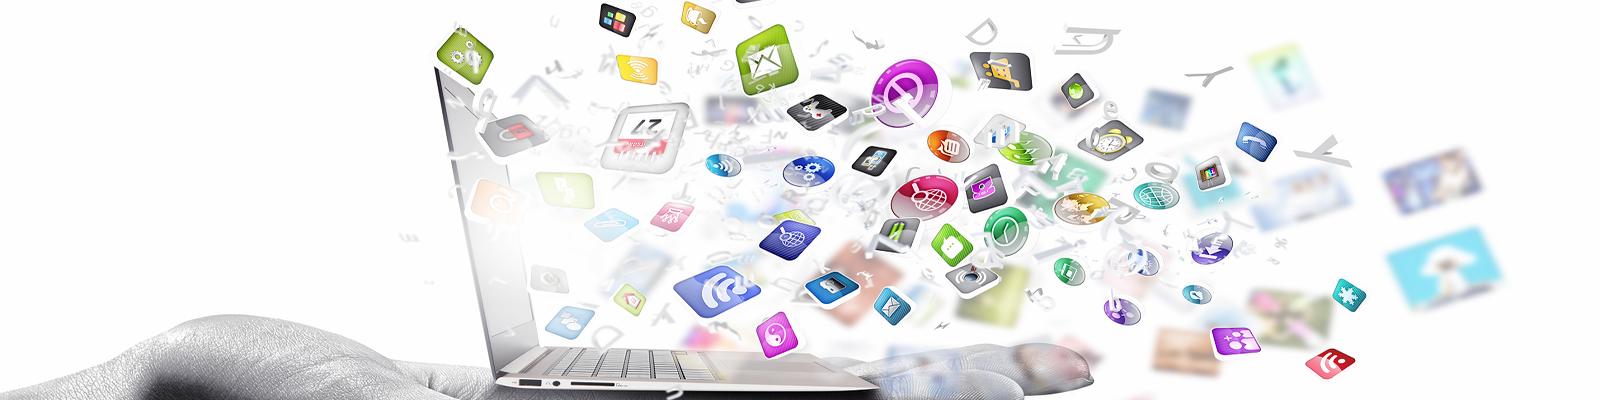 Mont_Digital_Social_Media